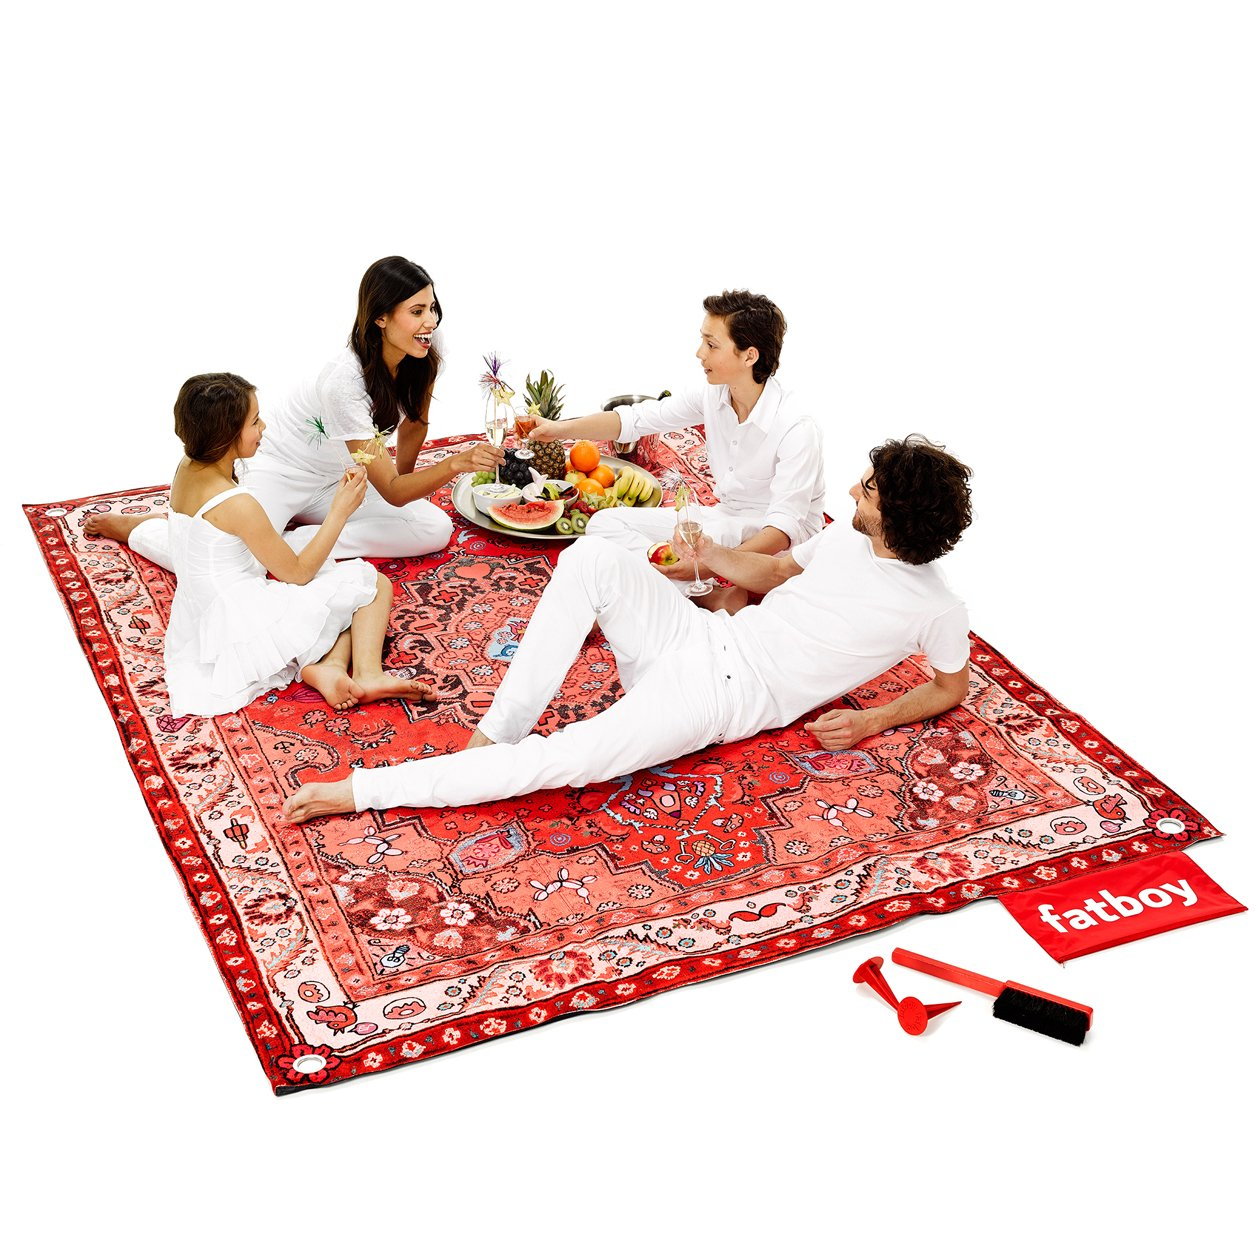 Cliquez ici pour acheter Couverture de picnic urbain